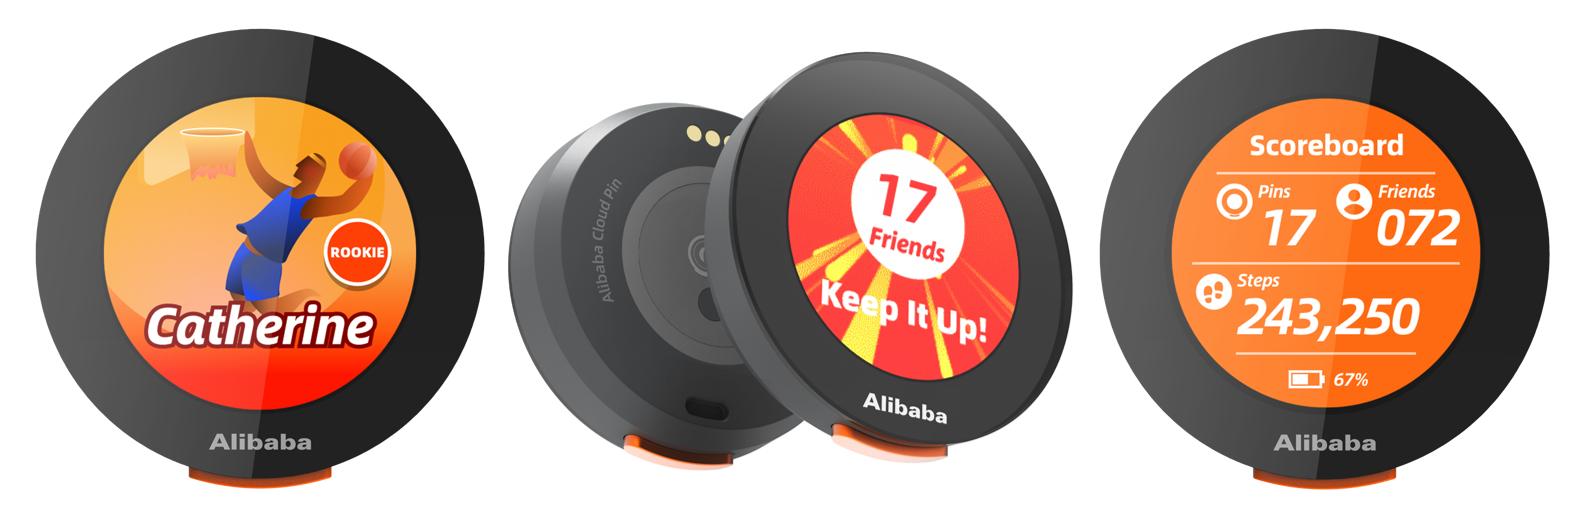 Alibaba crée un badge numérique pour les journalistes présents aux Jeux olympiques Tokyo 2020